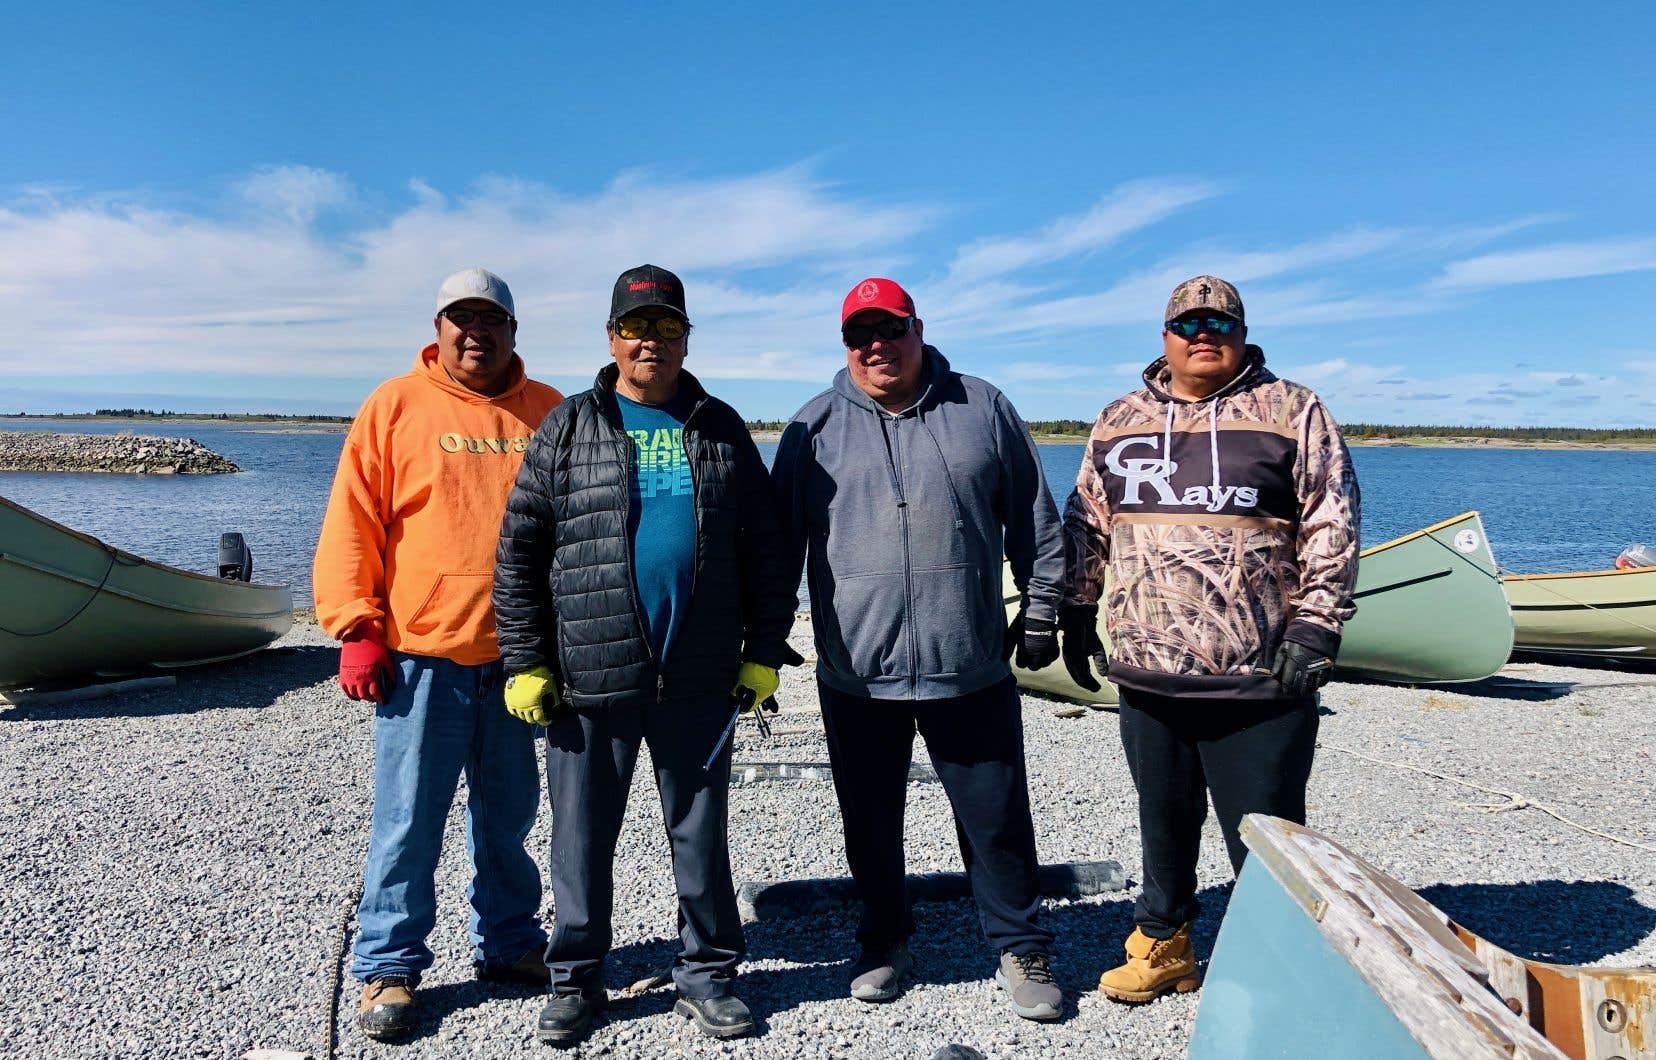 La famille Sealhunter sur les berges de la baie James. De gauche à droite: Larry, Stewart, George et Eric.